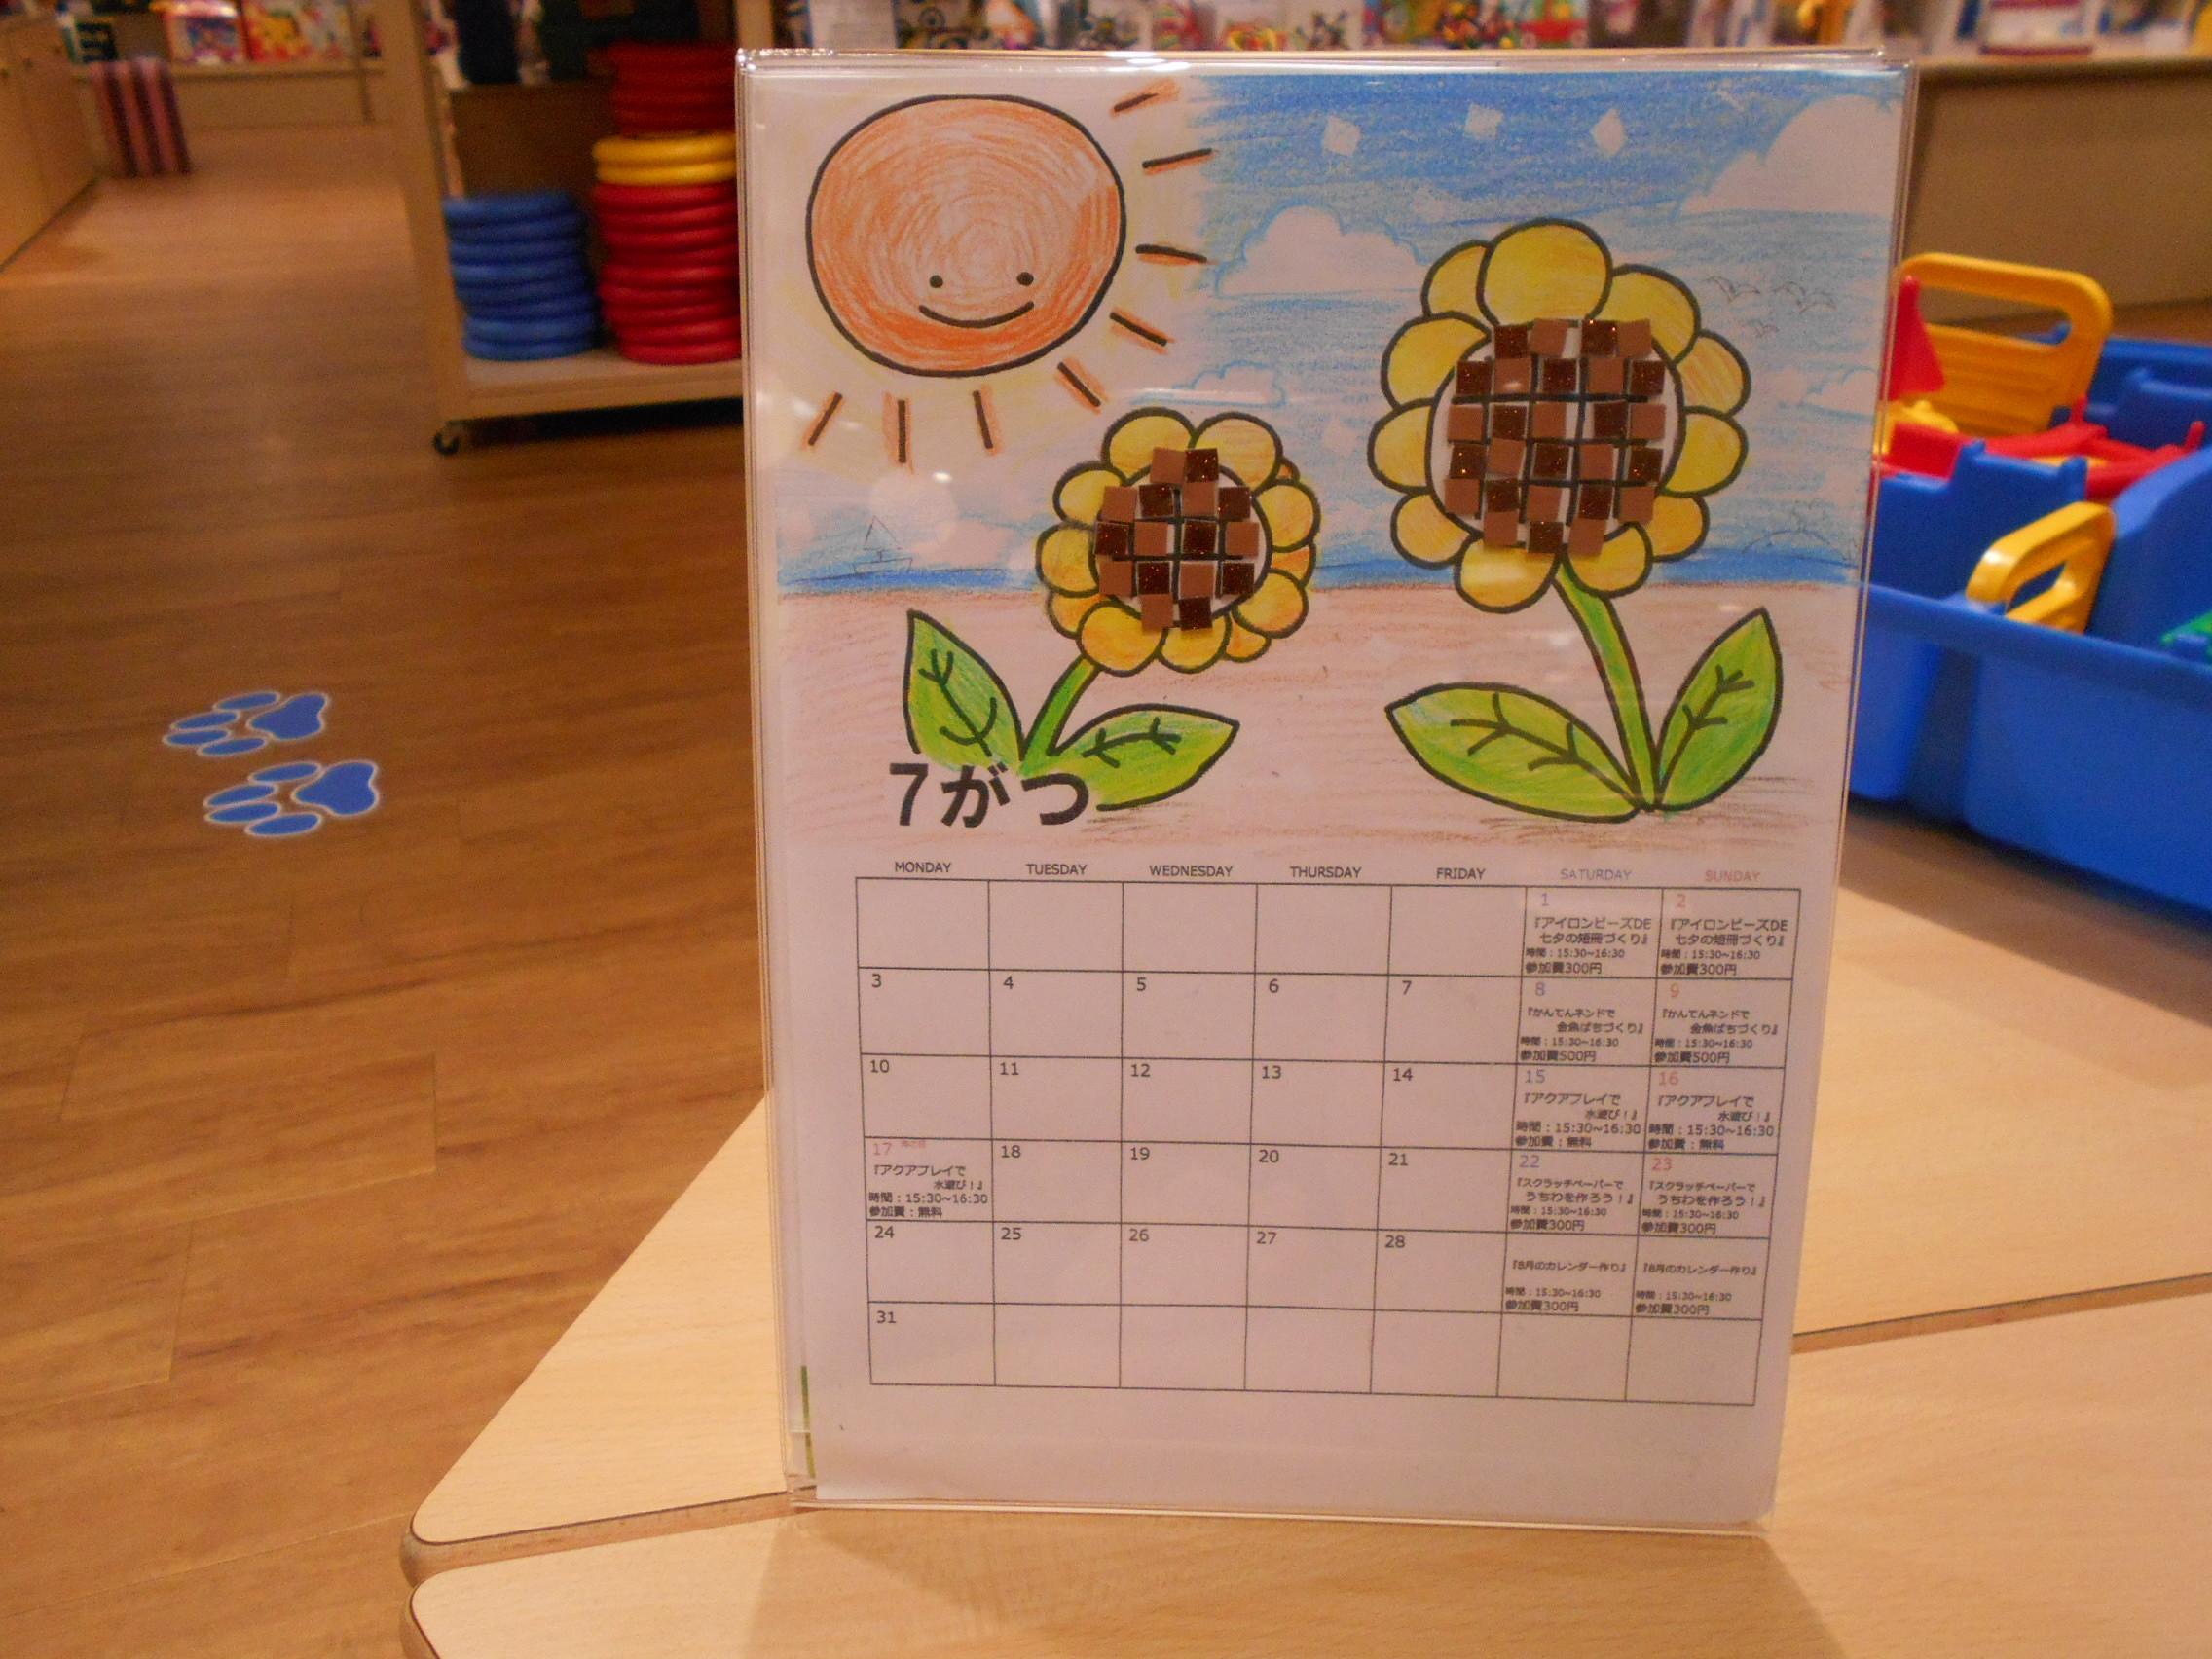 8月のカレンダー作り